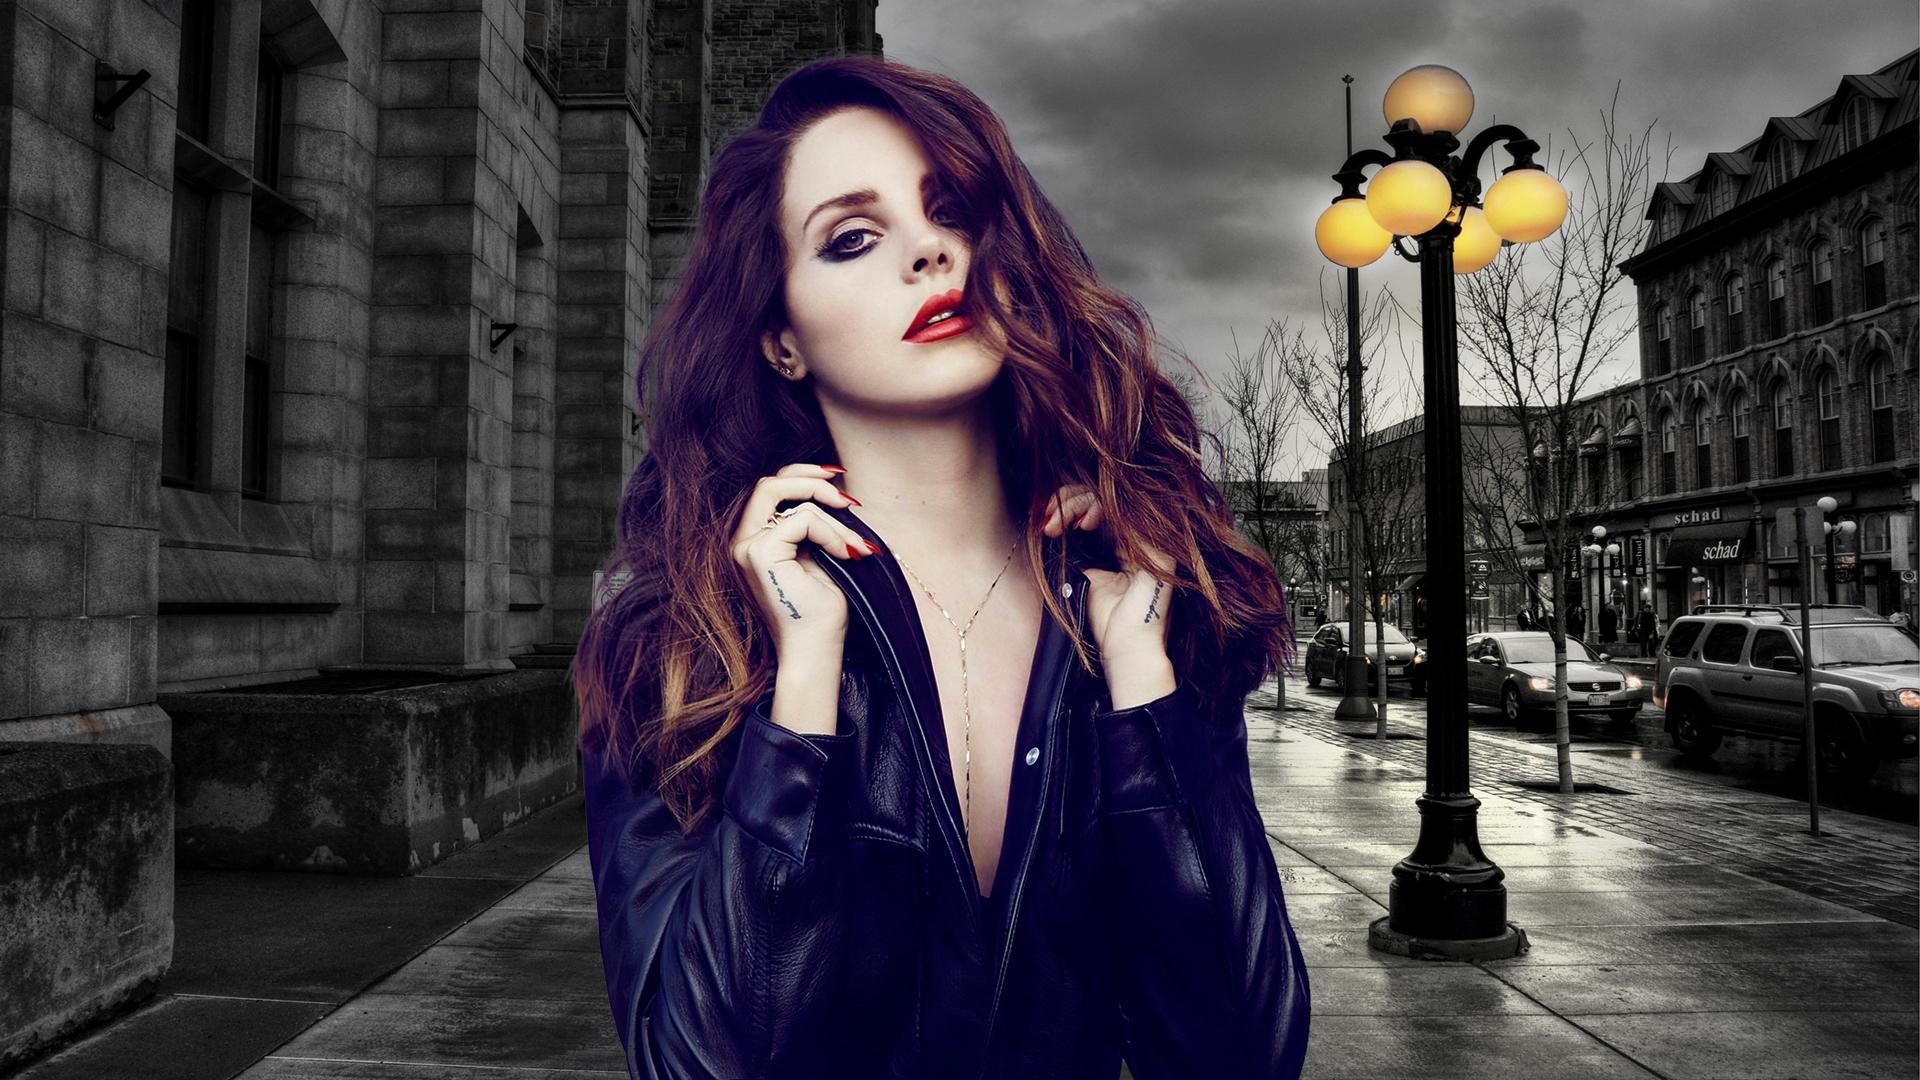 Elizabeth Woolridge Lizzy Grant d 21 Haziran 1985 New York City daha çok sahne adı olan Lana Del Rey ismi ile bilinen Amerikalı şarkıcı ve söz